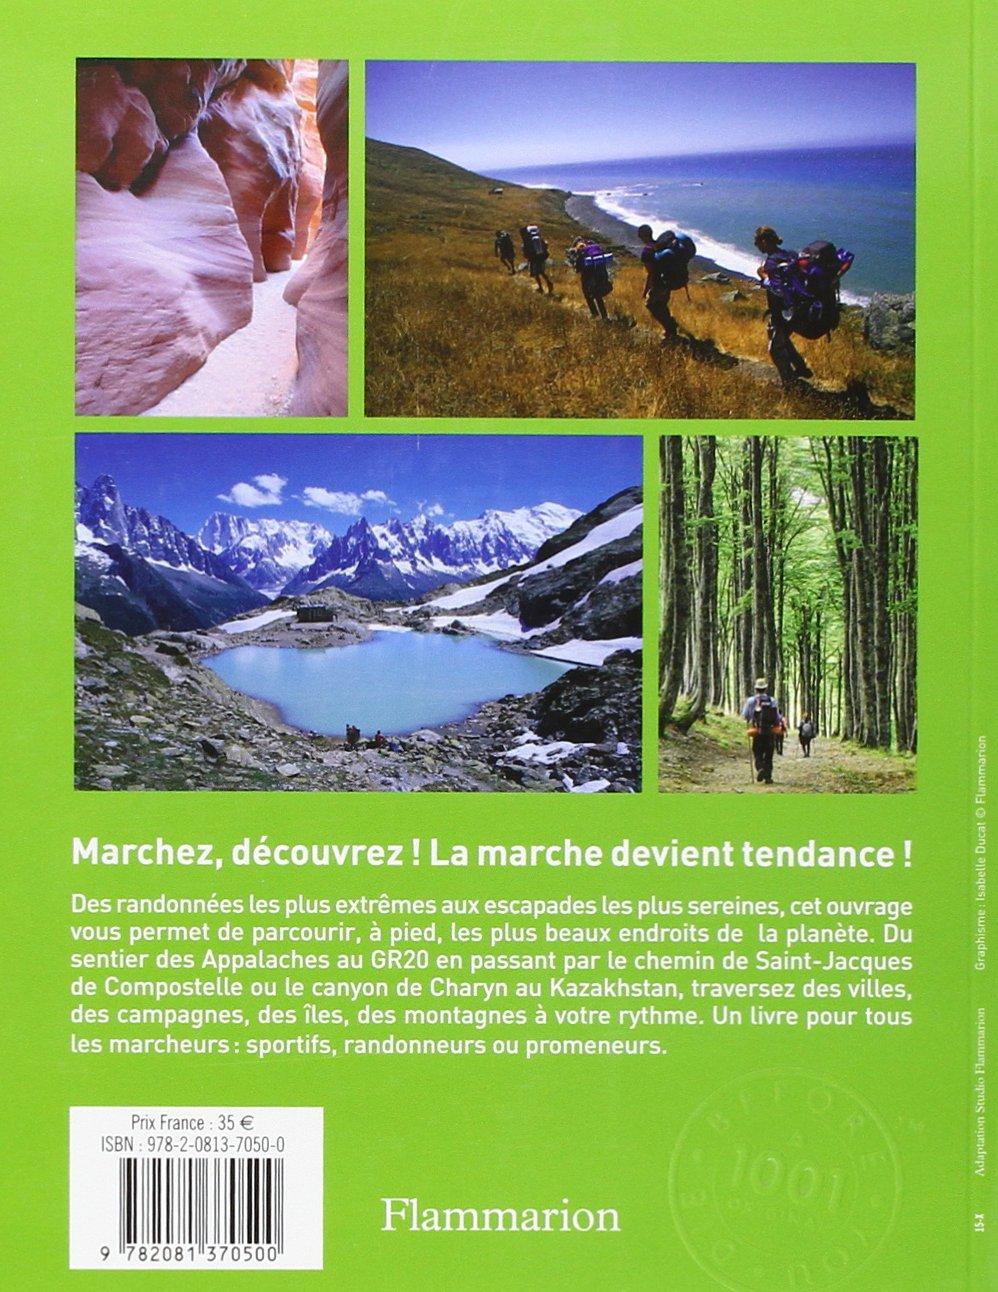 Les 1001 randonnées qu'il faut avoir faites dans sa vie: 9782081370500:  Amazon.com: Books